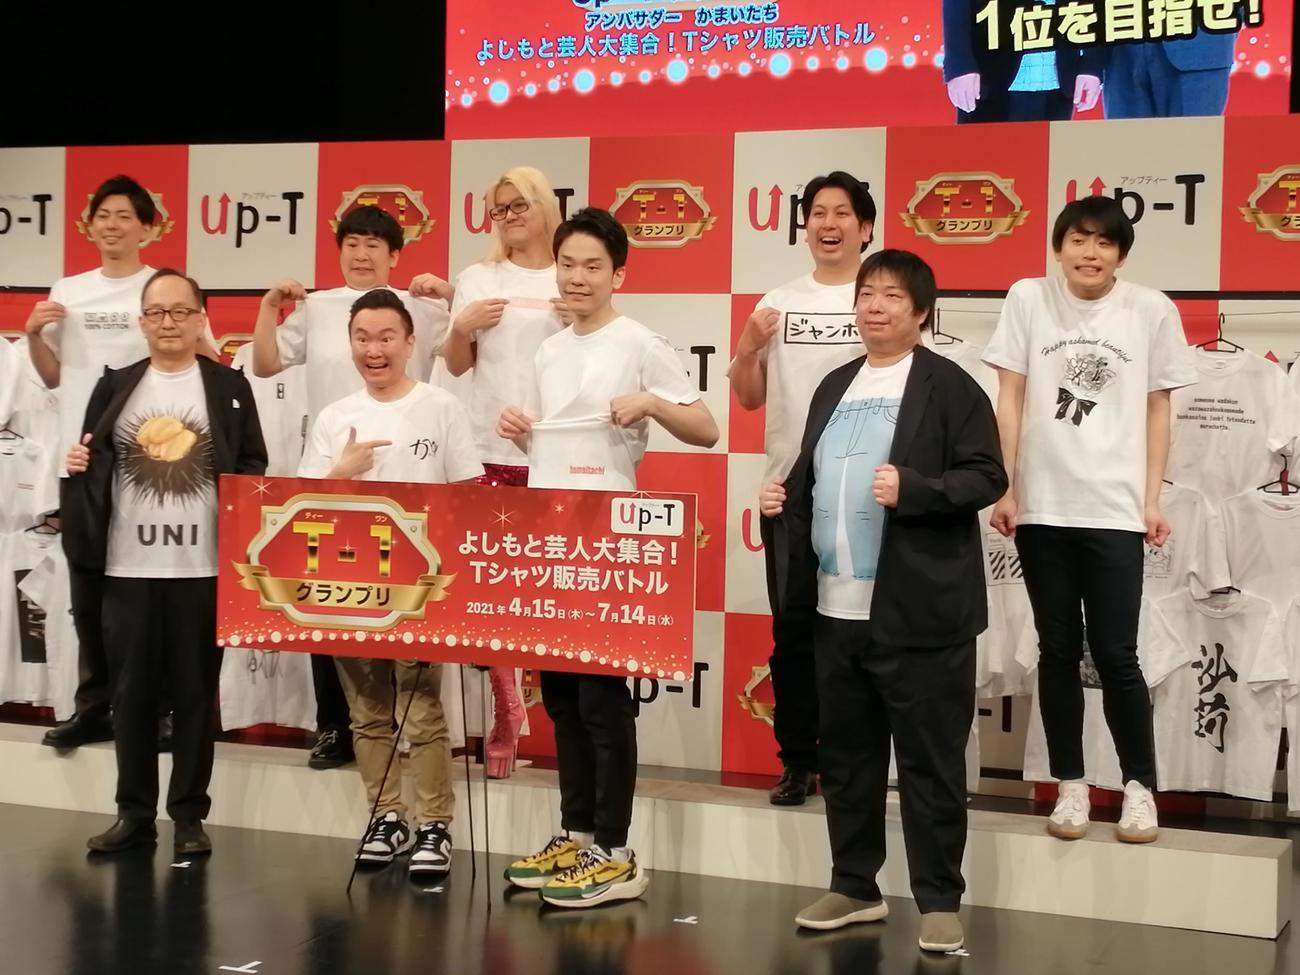 Tシャツバトル「Up-T presents T-1グランプリ」の発表会で、オリジナルTシャツをアピールする、かまいたち(前列中央)ら